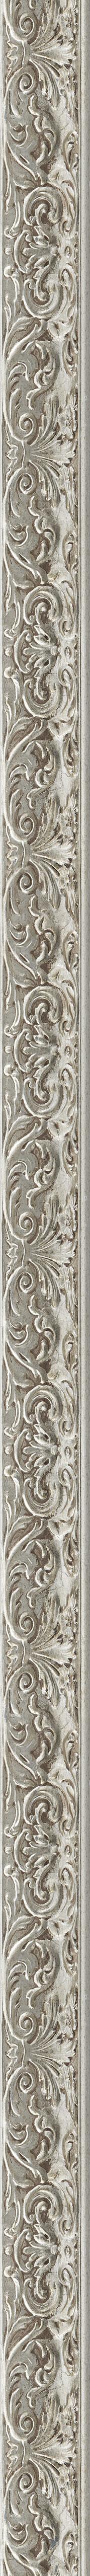 Elegant silver leaf frame frame